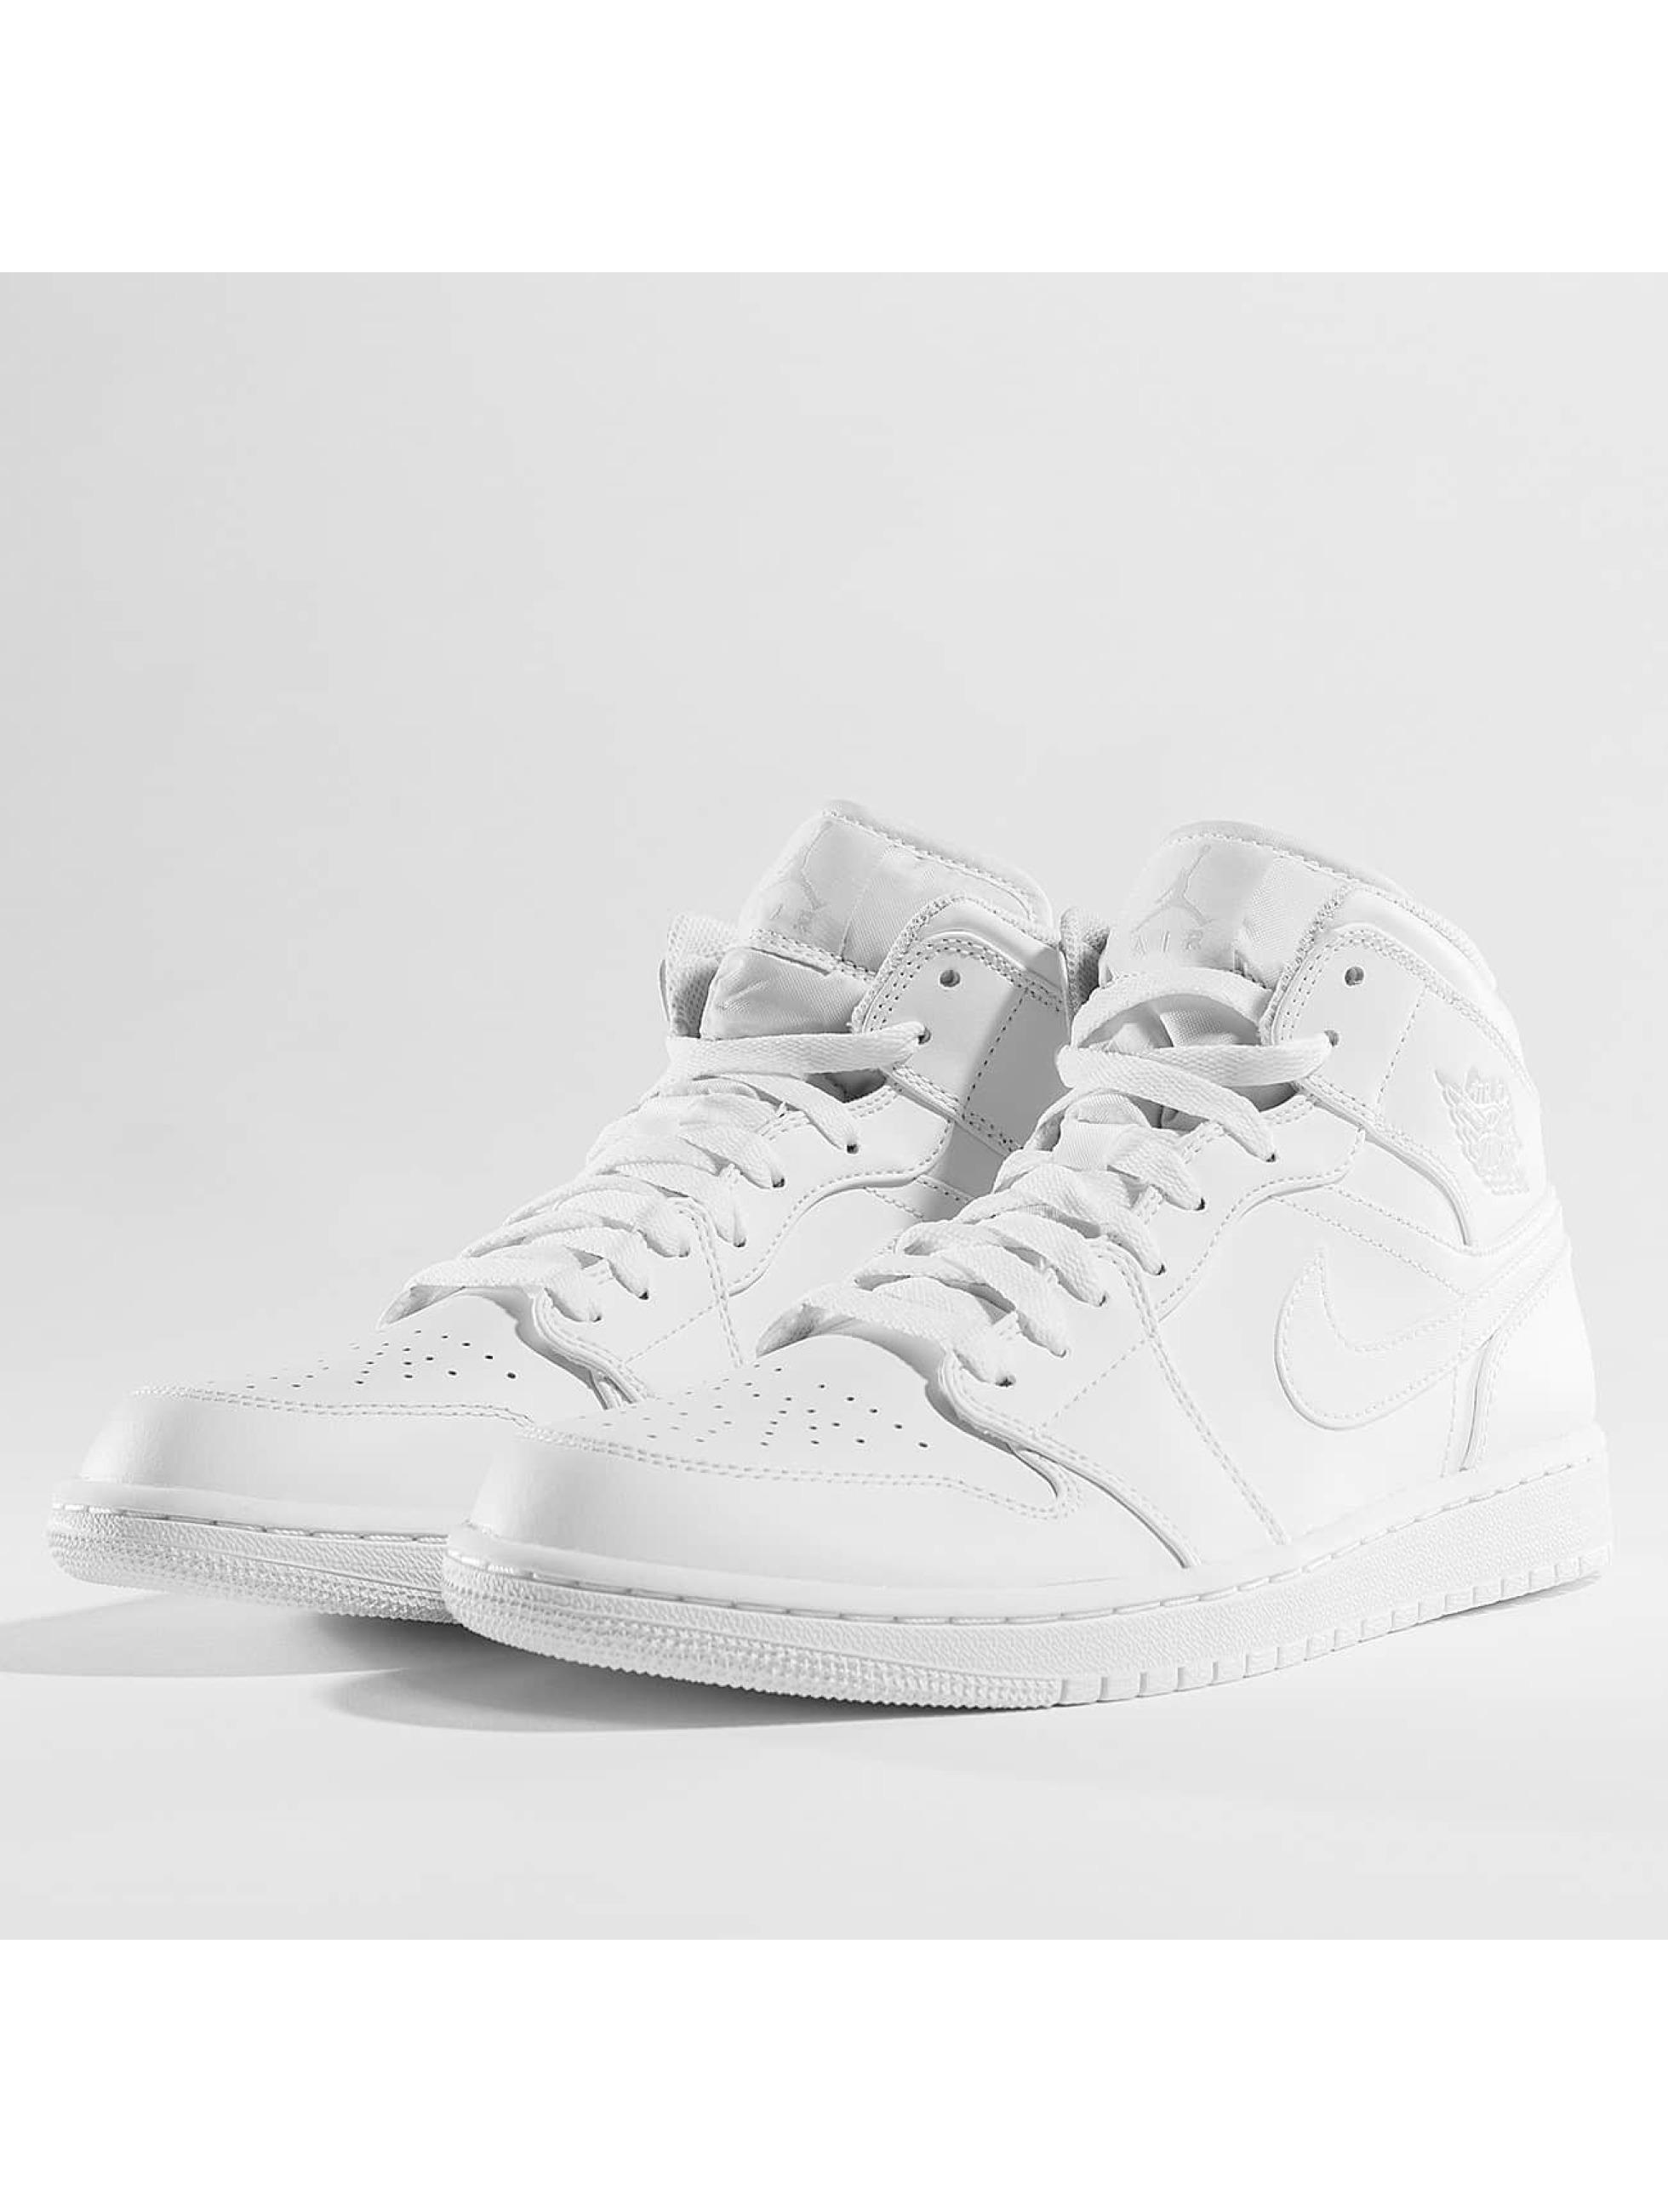 Jordan Sneakers 1 Mid white